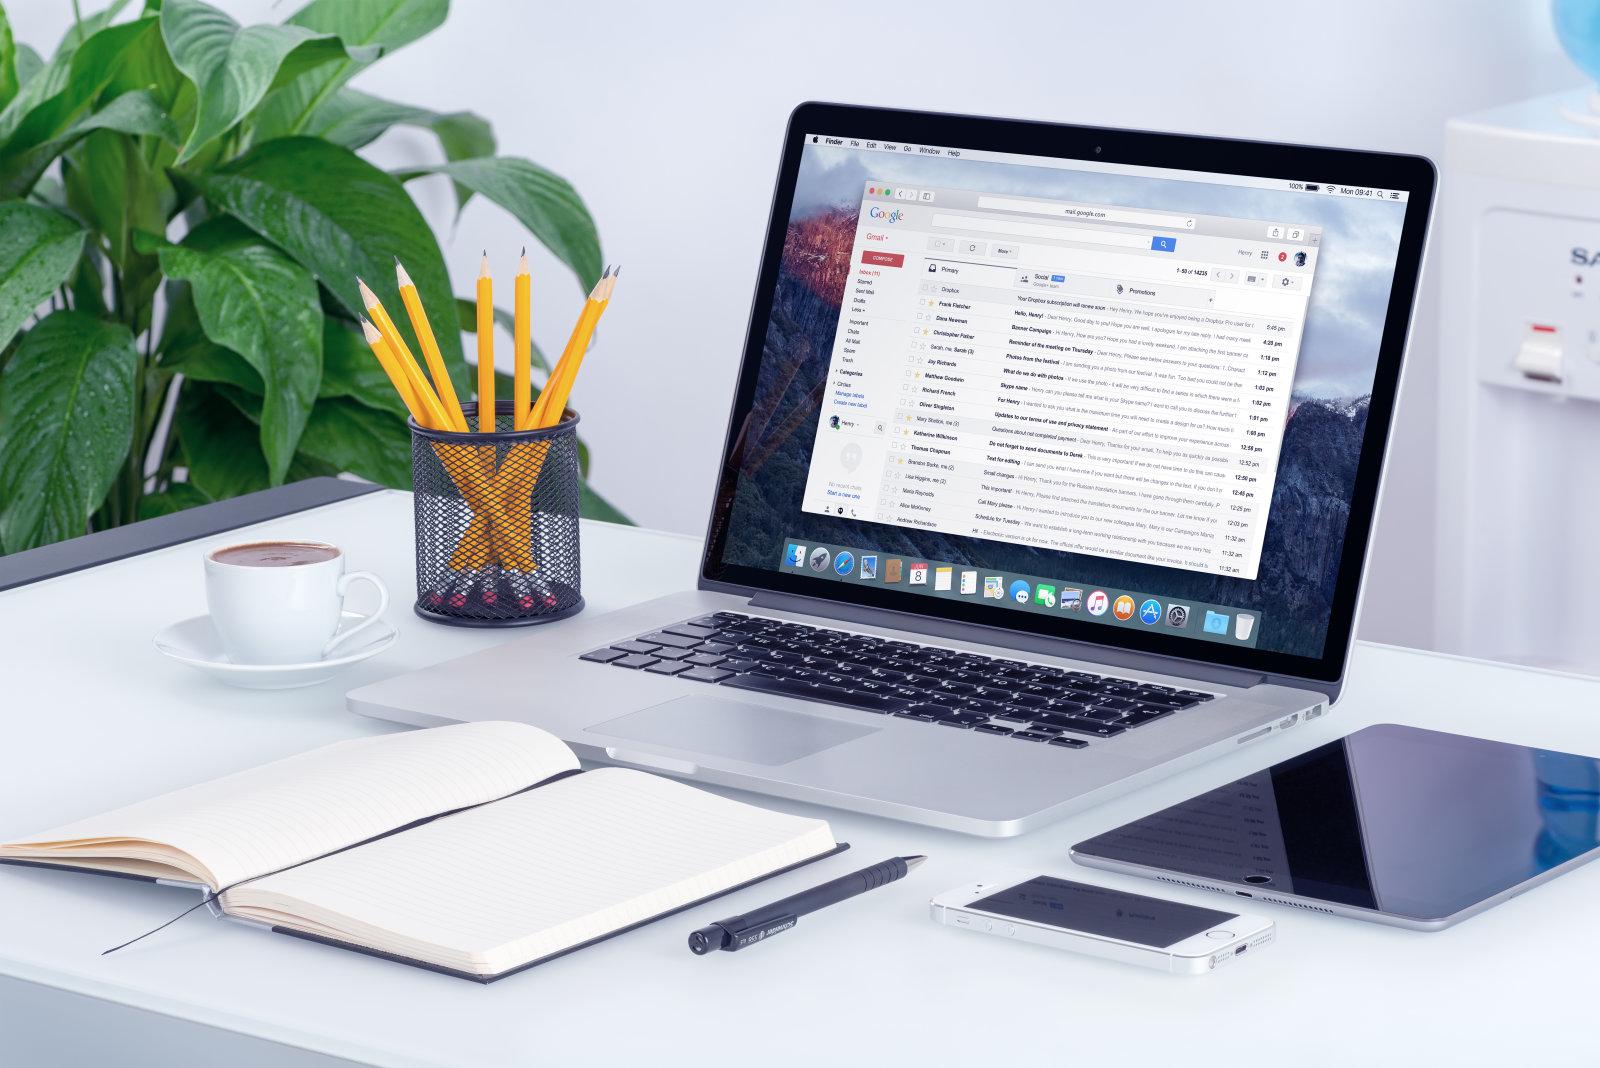 ноутбук для офисной работы